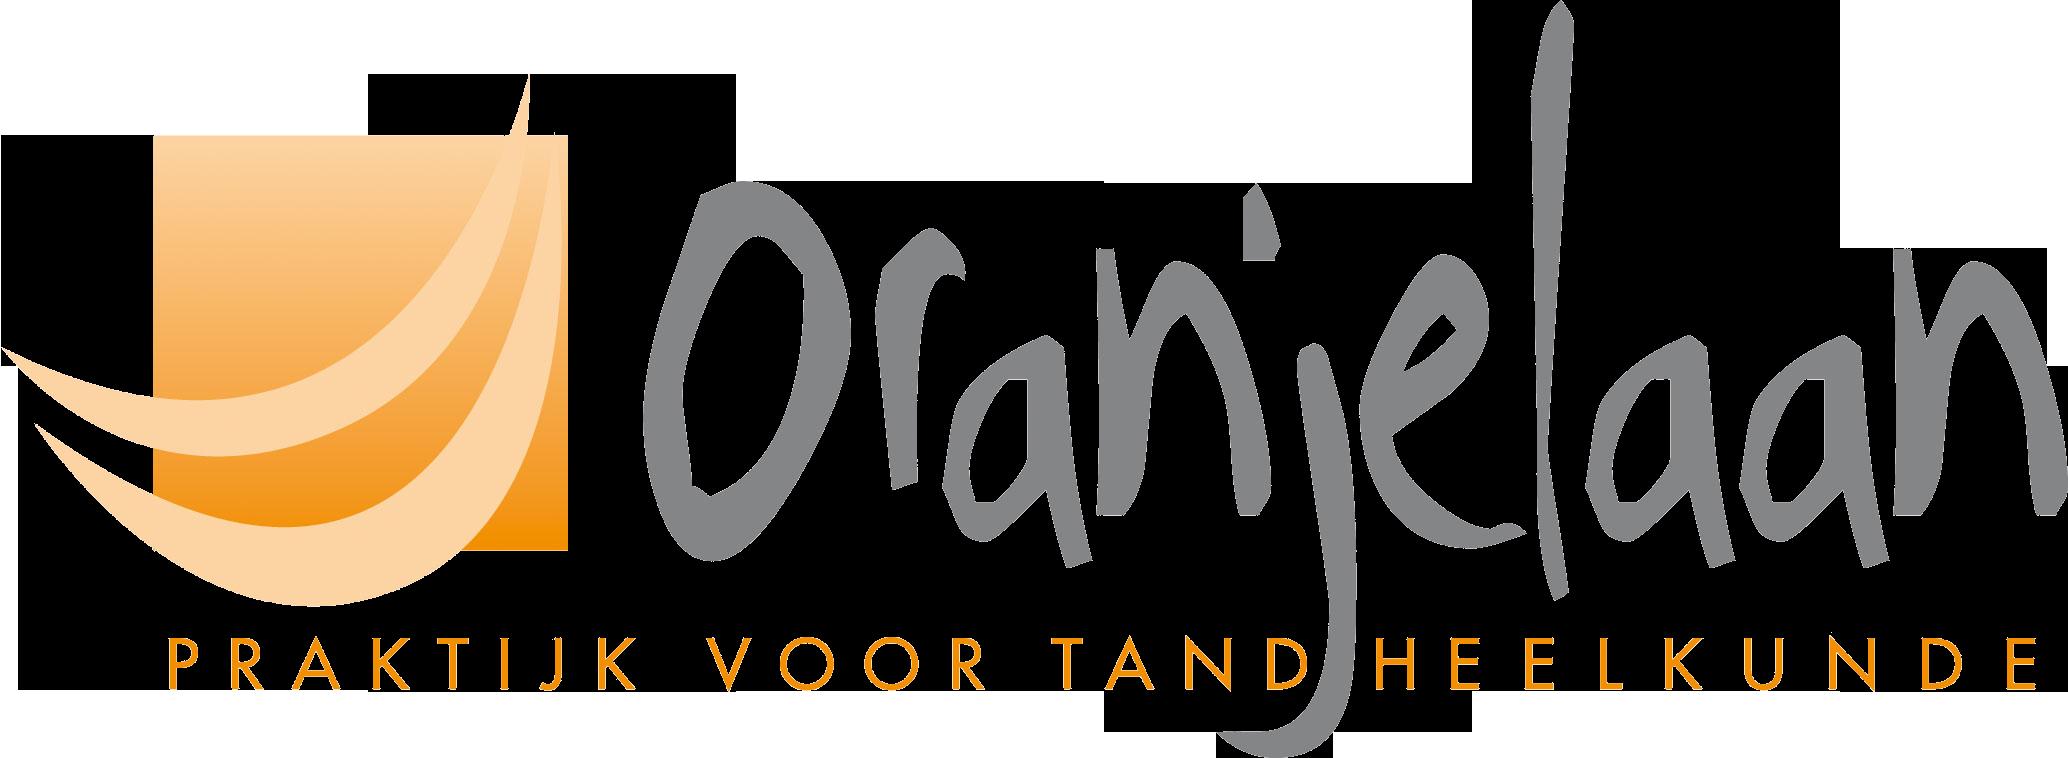 Praktijk voor Tandheelkunde Oranjelaan